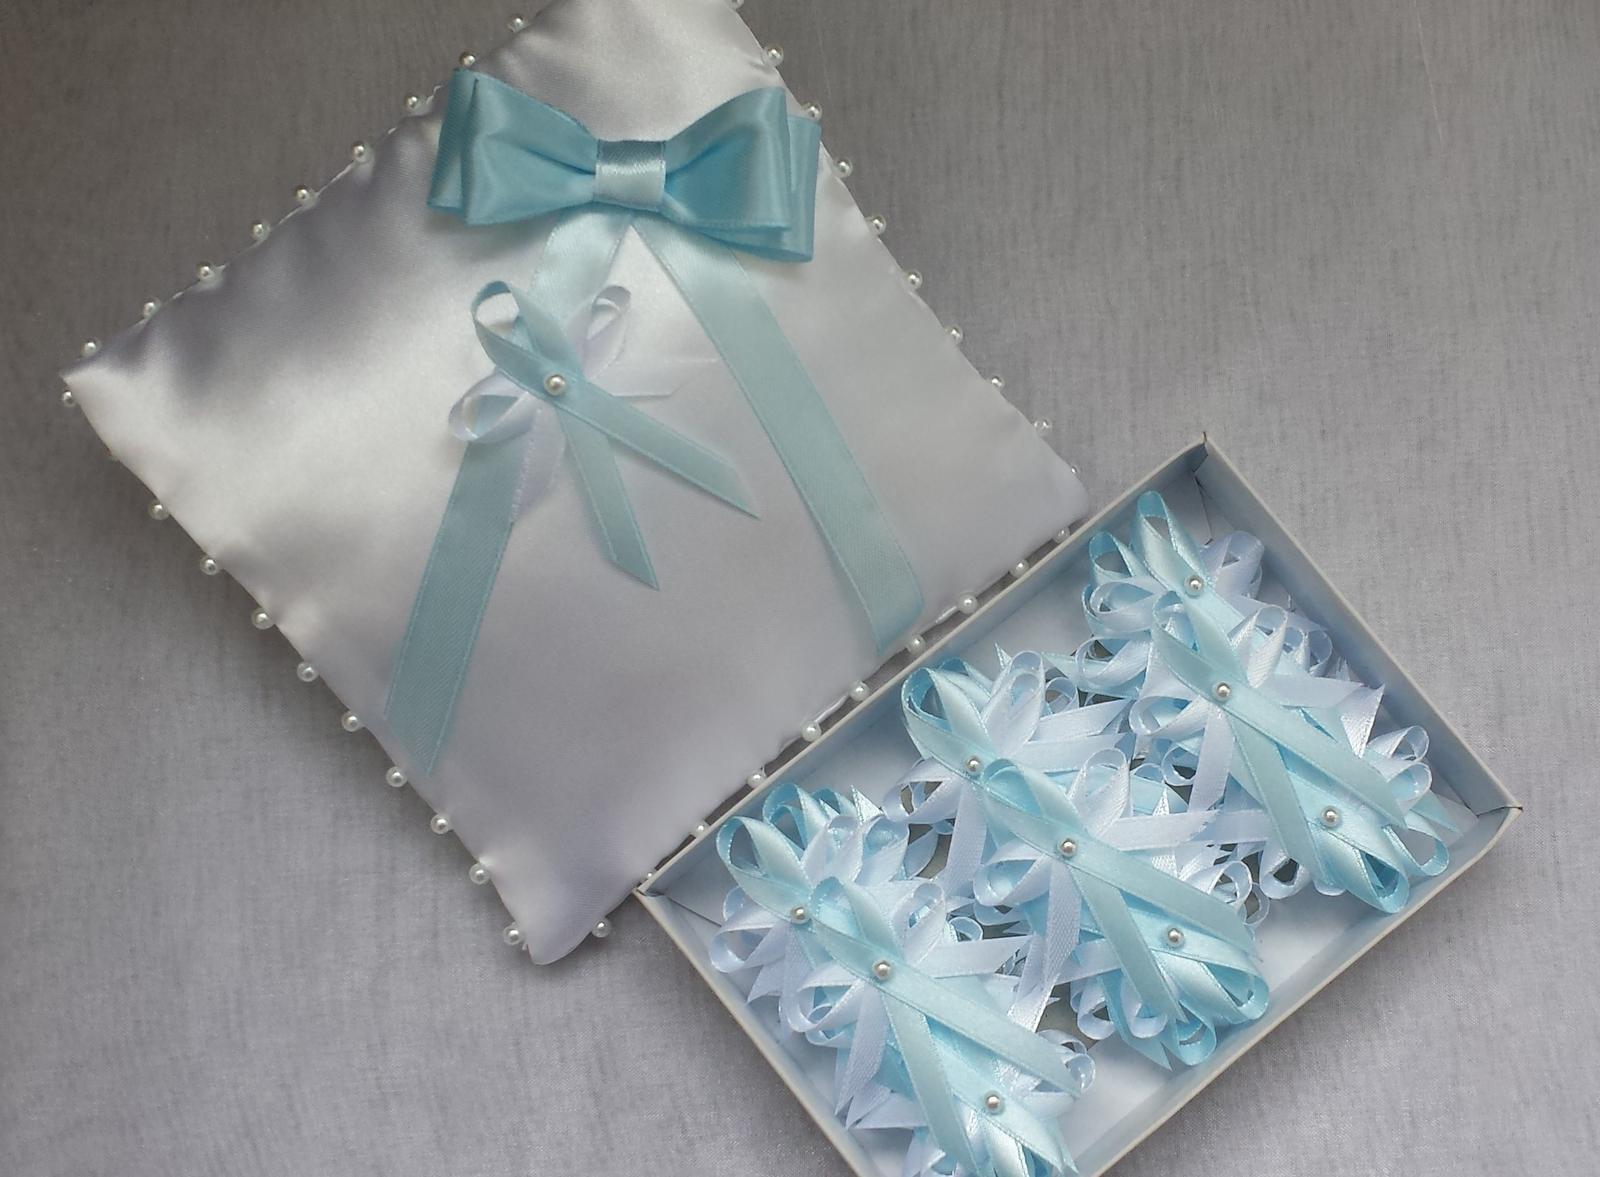 Bílý polštářek pod prstýnky s modrou mašličkou - Obrázek č. 1